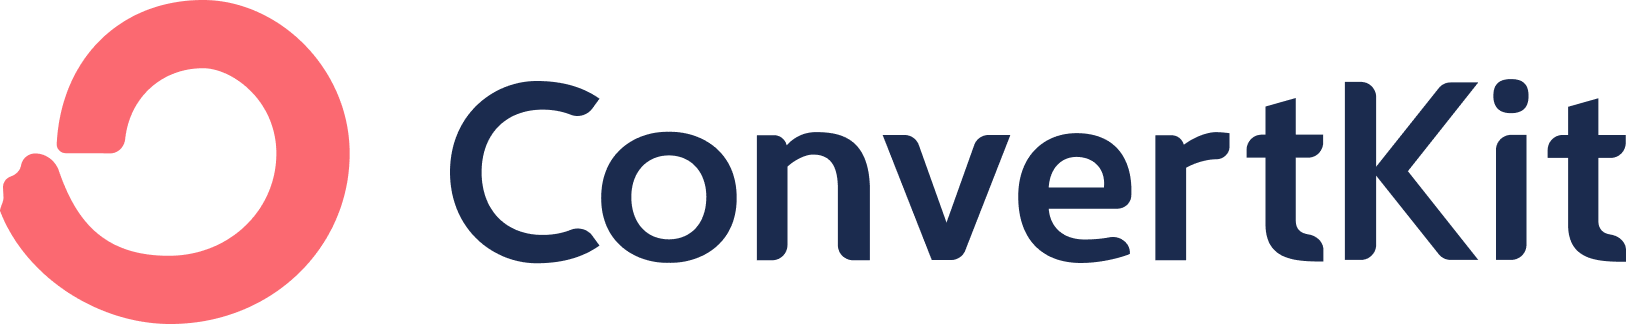 convertkit-long-logo